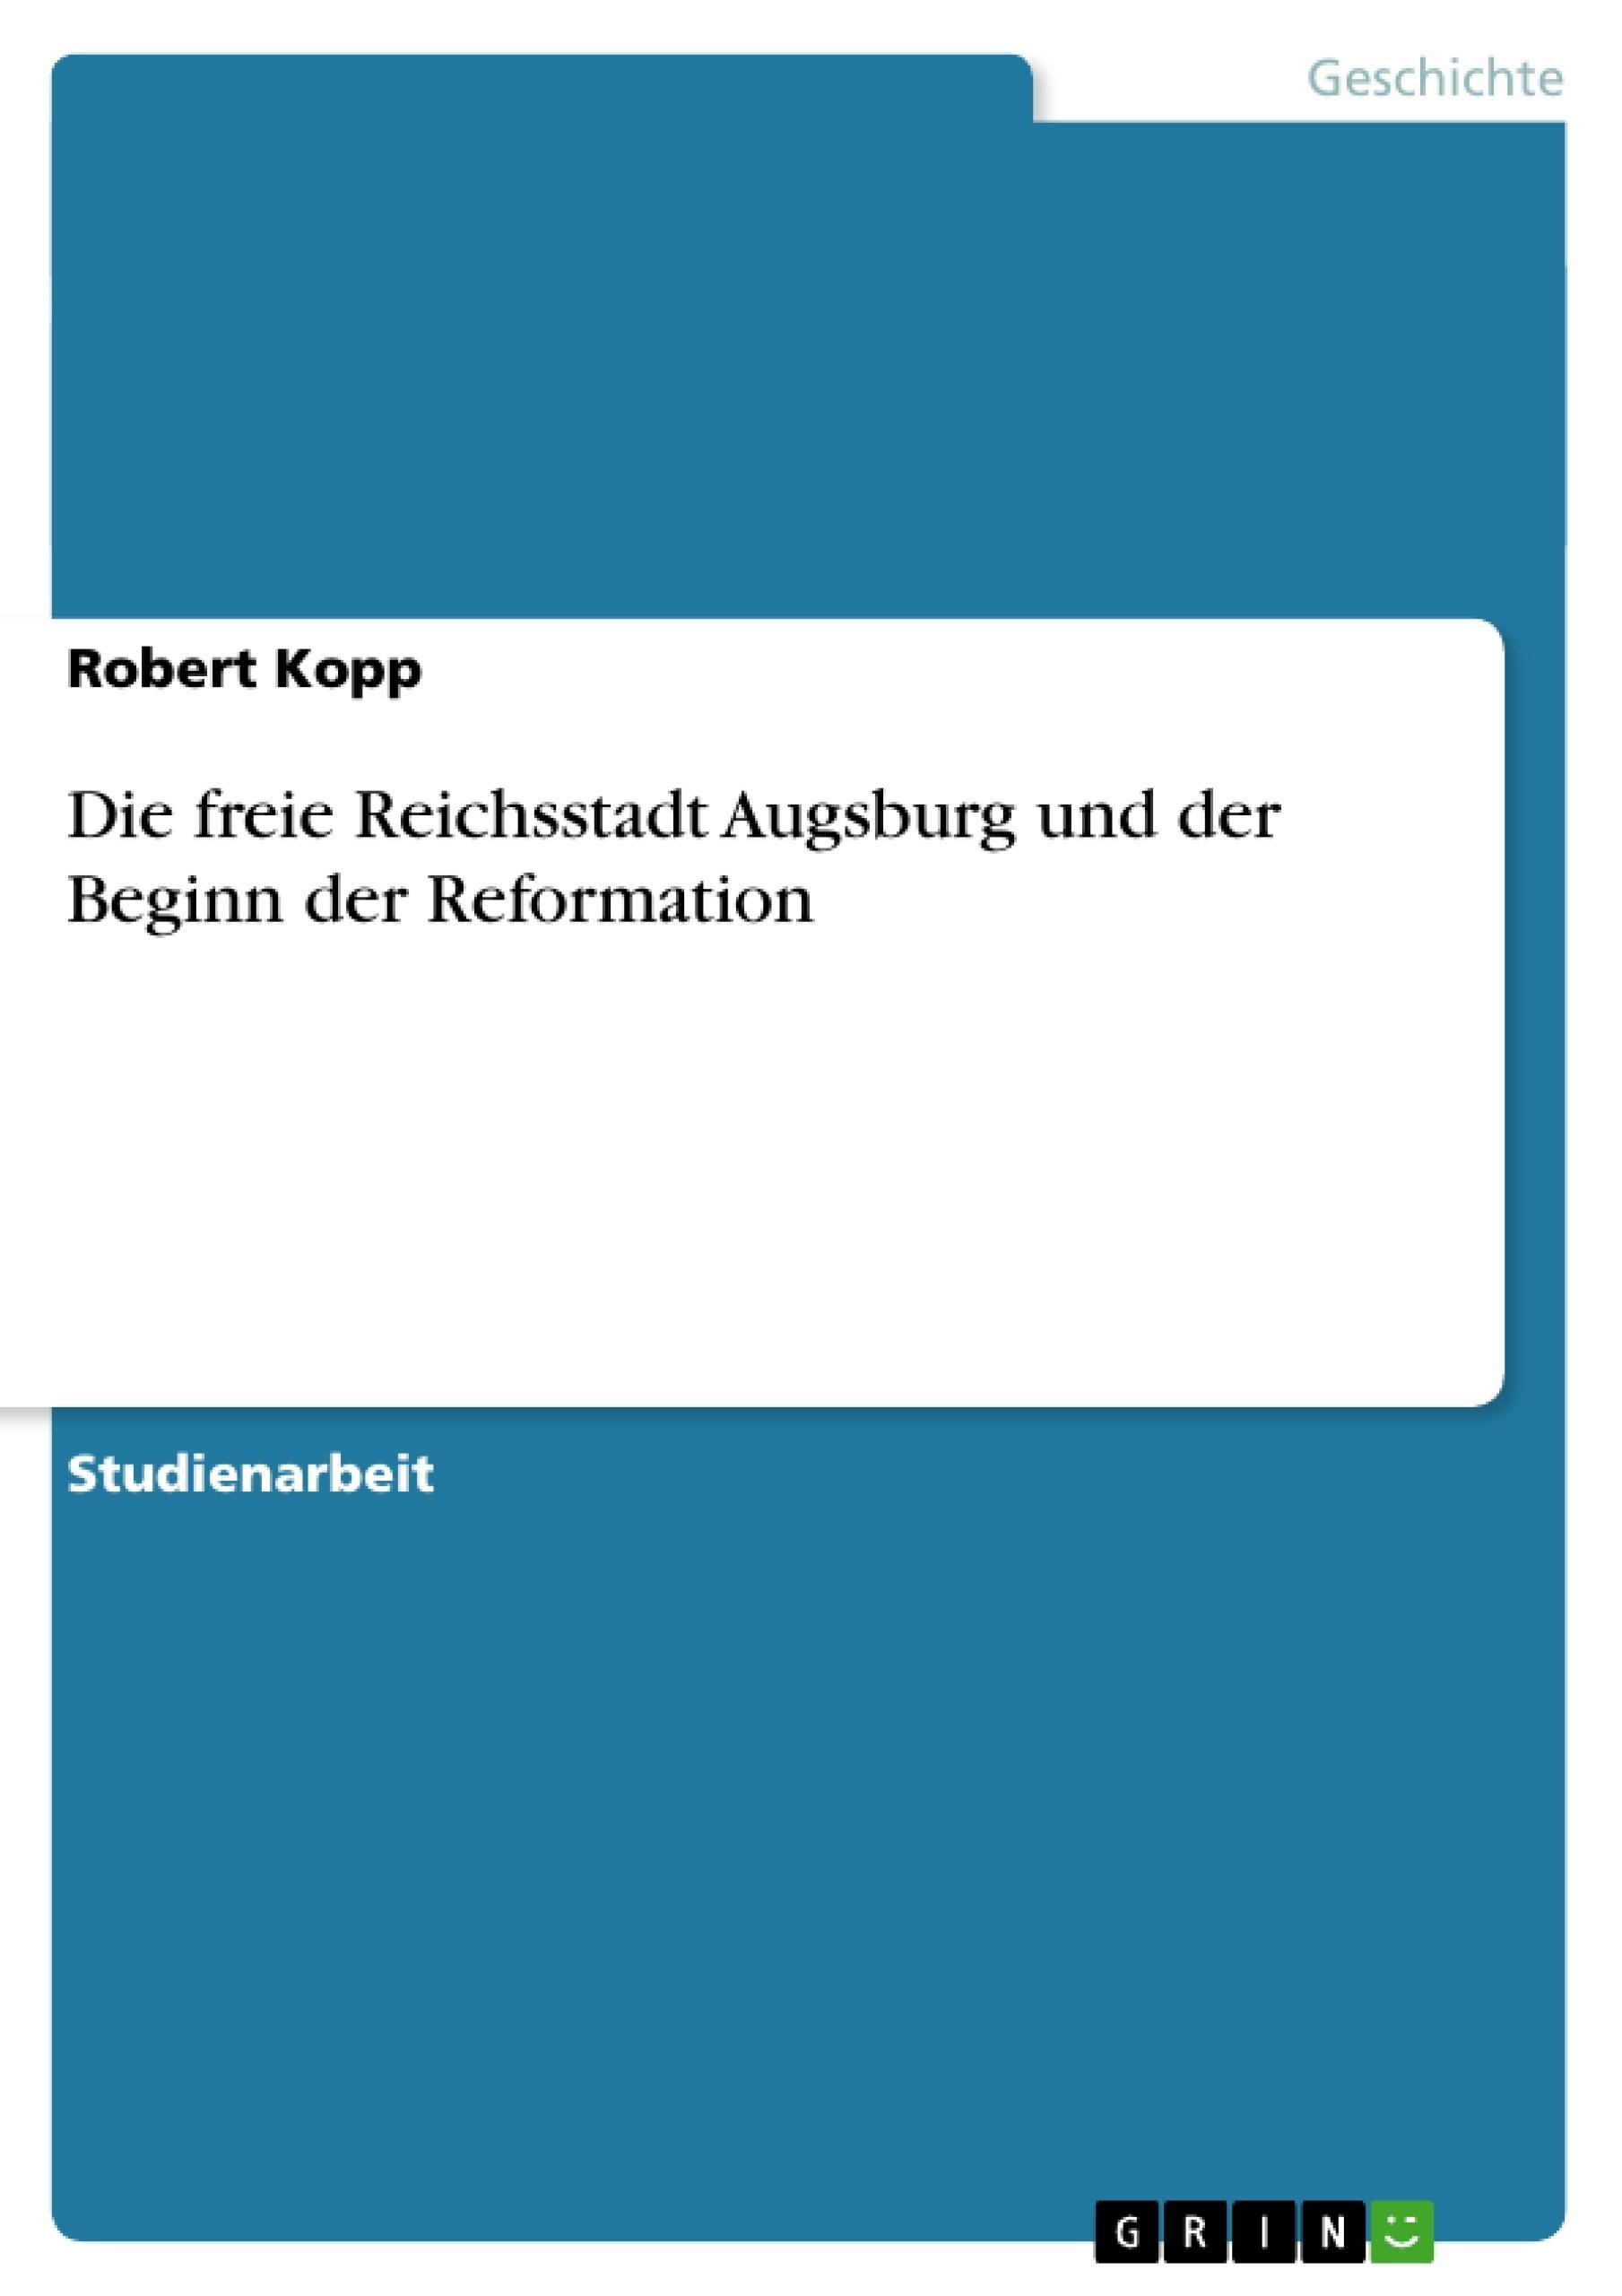 Titel: Die freie Reichsstadt Augsburg und der Beginn der Reformation